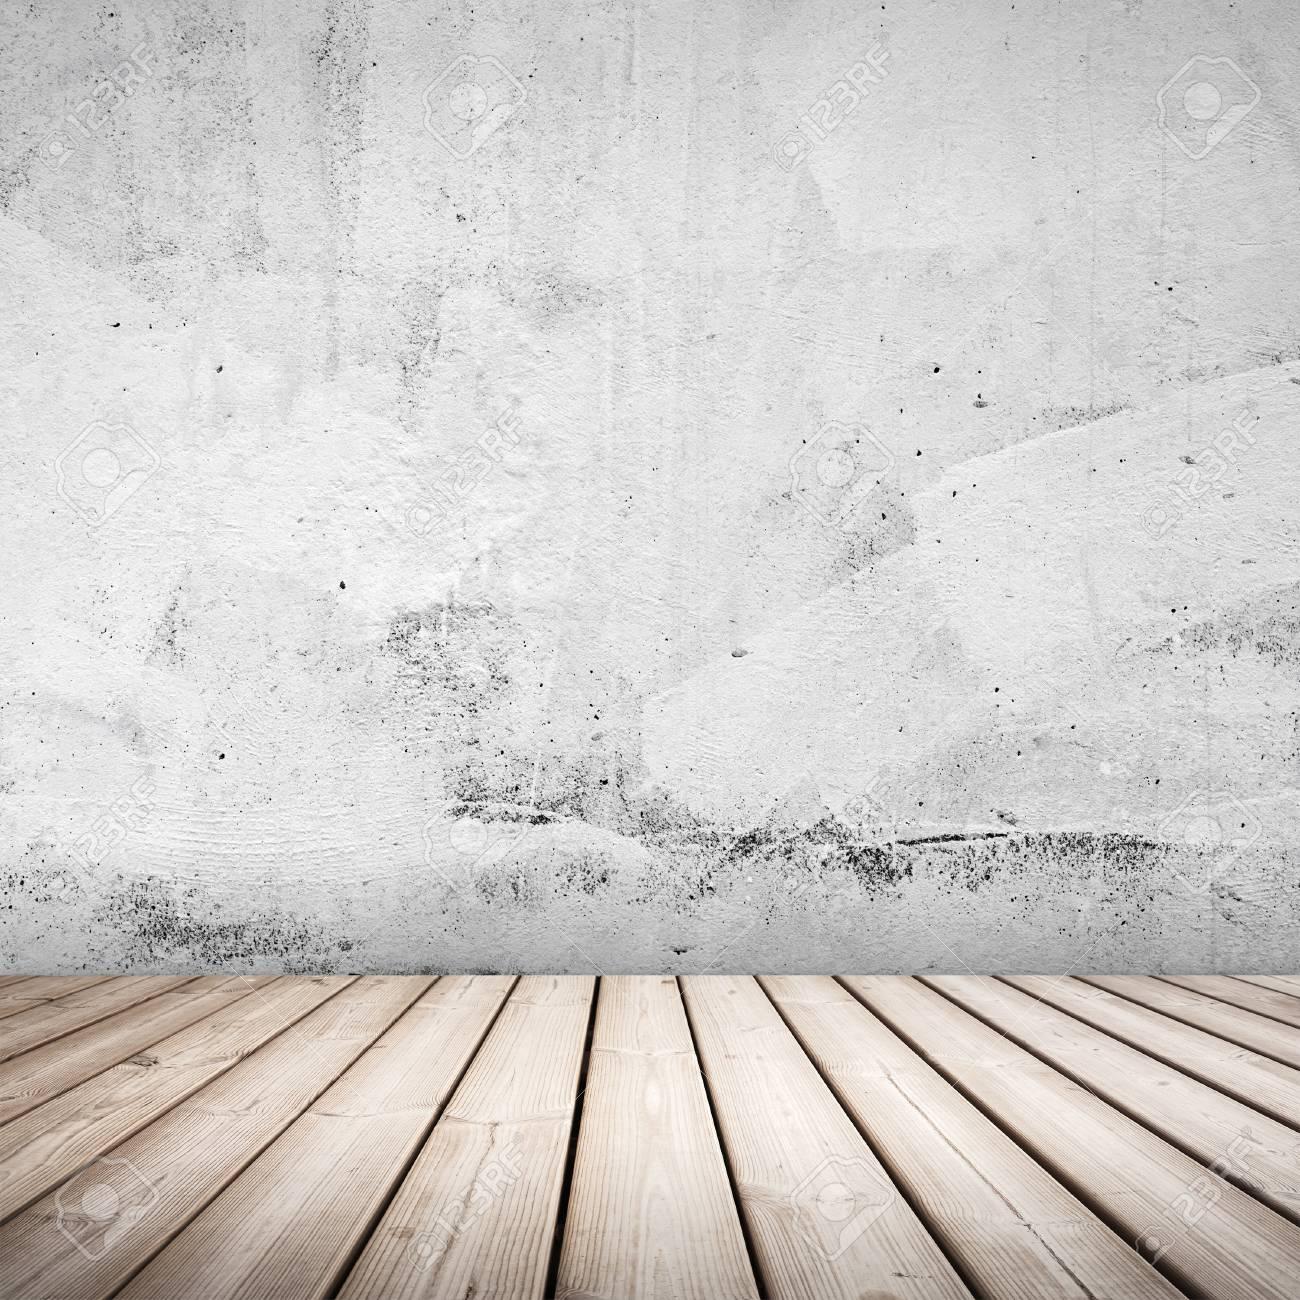 Vide fond blanc intérieur en béton avec un sol en bois